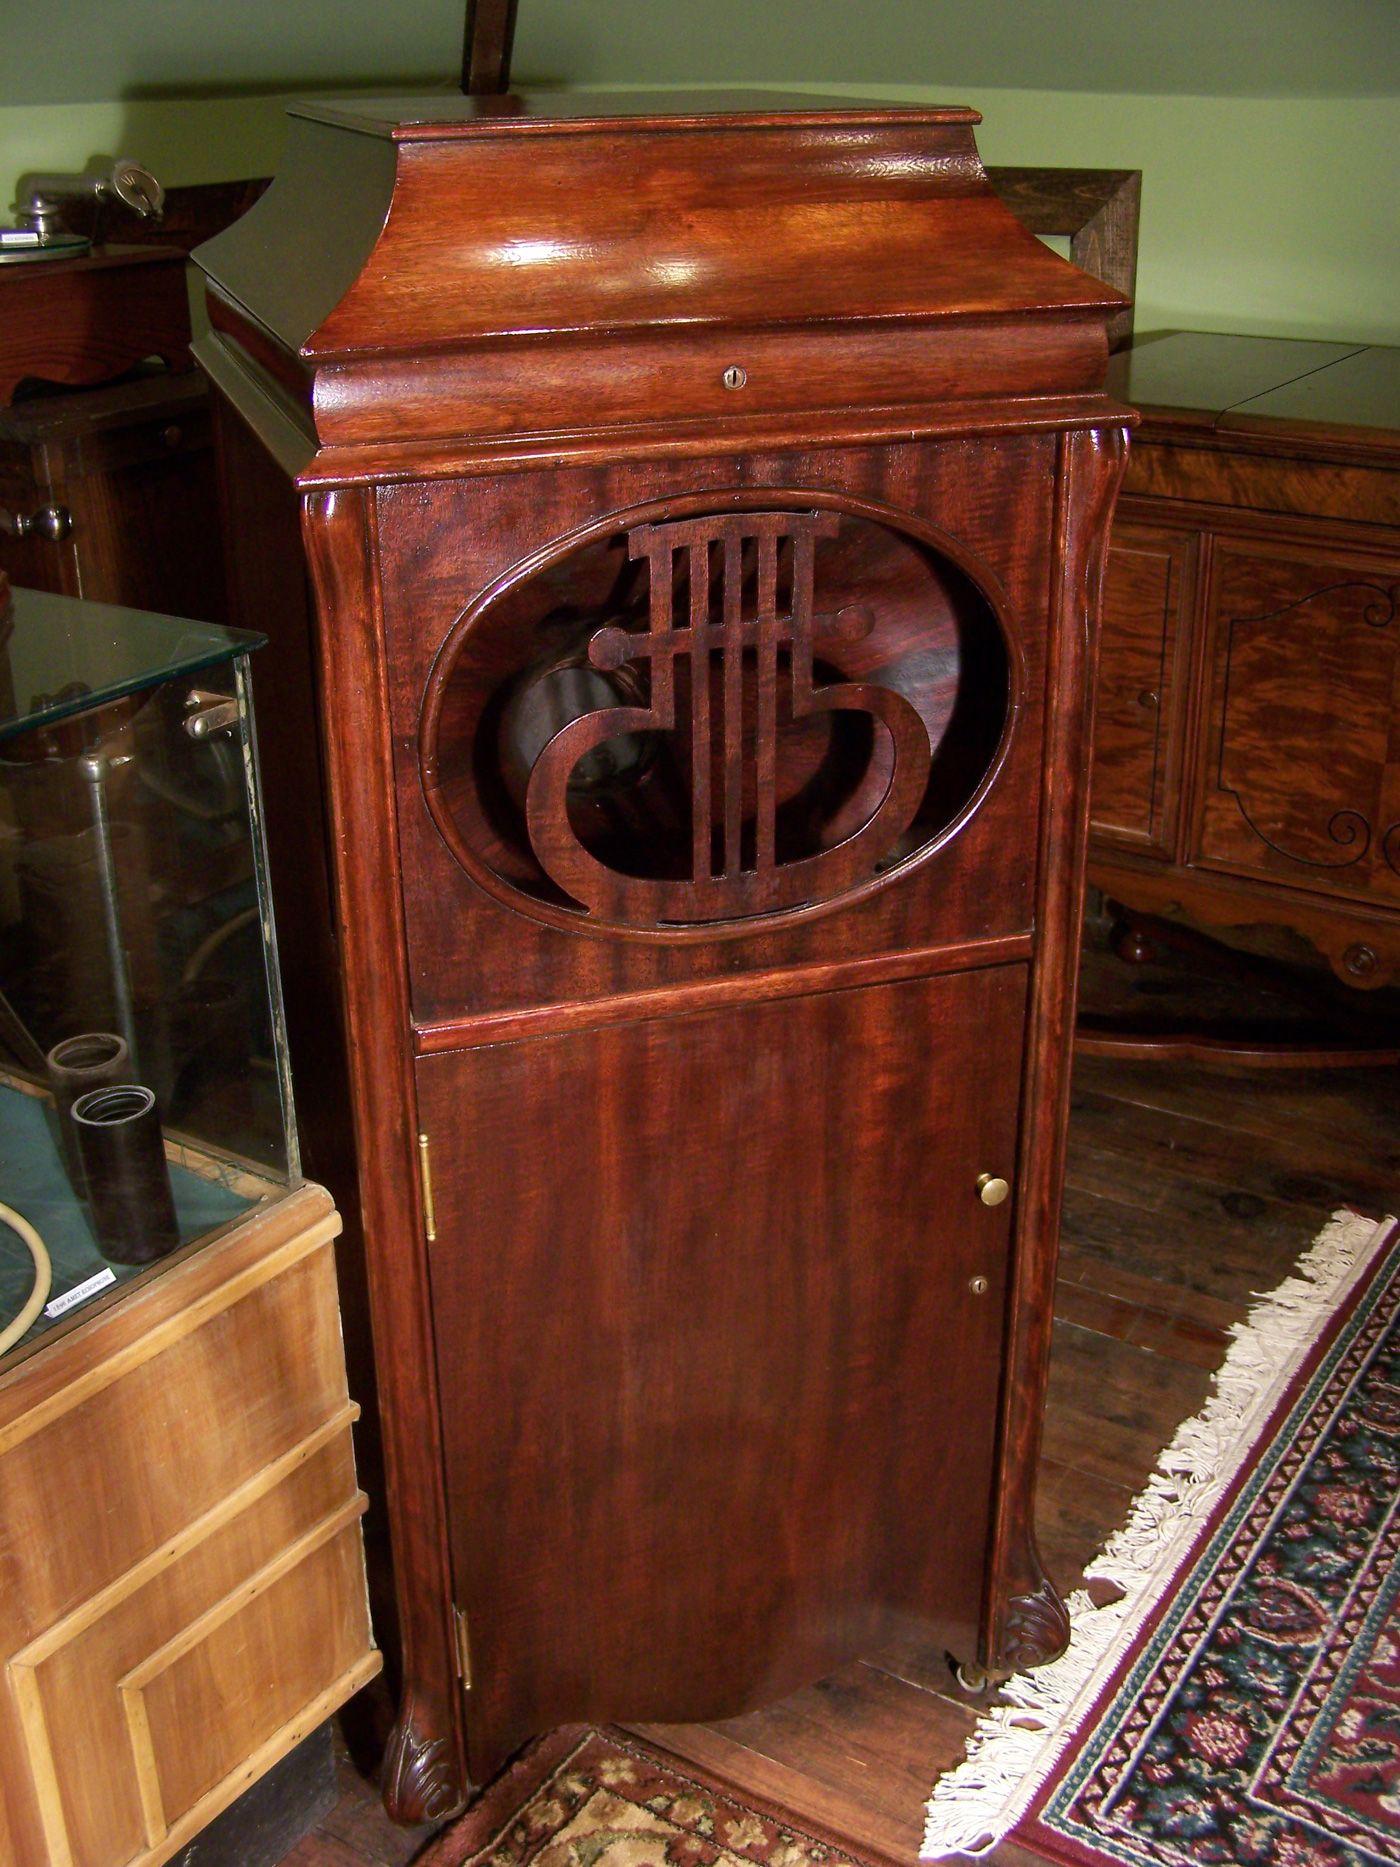 The Edison Amberola upright model. Vintage Phonographs